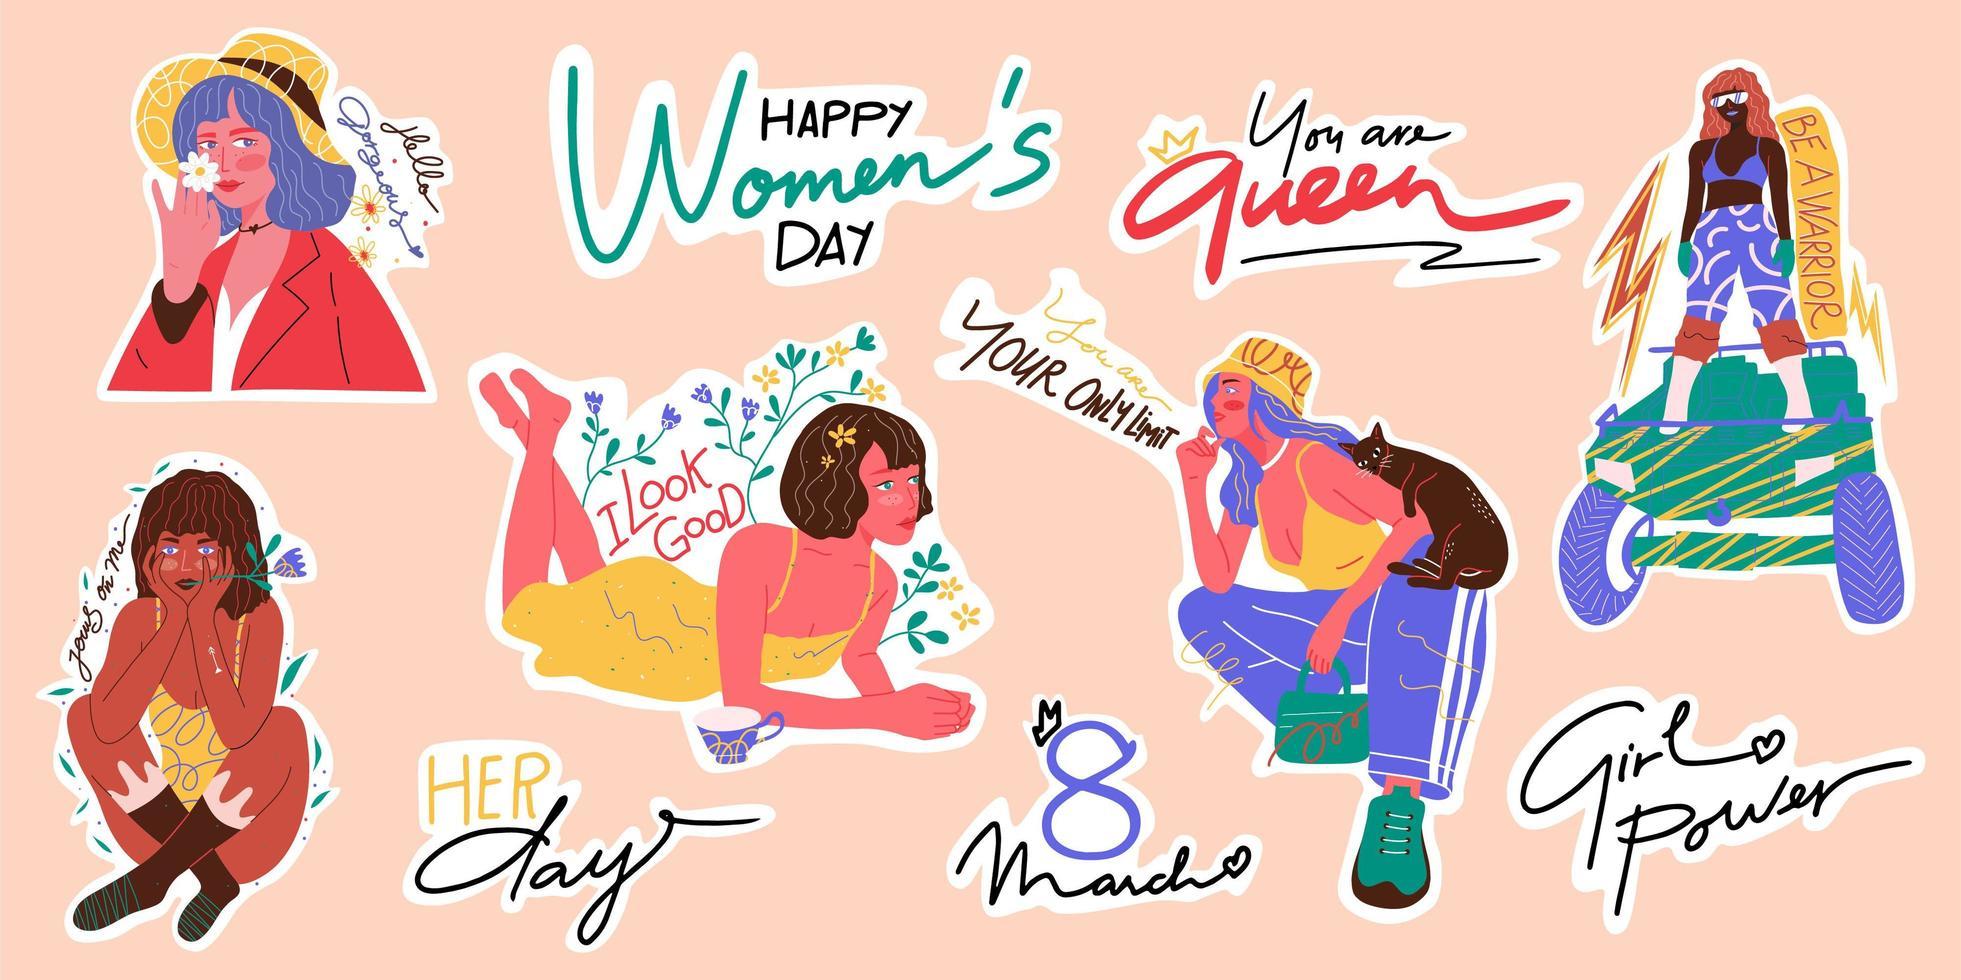 Frauen Empowerment Sticker Pack. Hand gezeichnete Vektorillustration. Aufklebersammlung. 8. März, glückliches Frauentagikonsatz. vektor